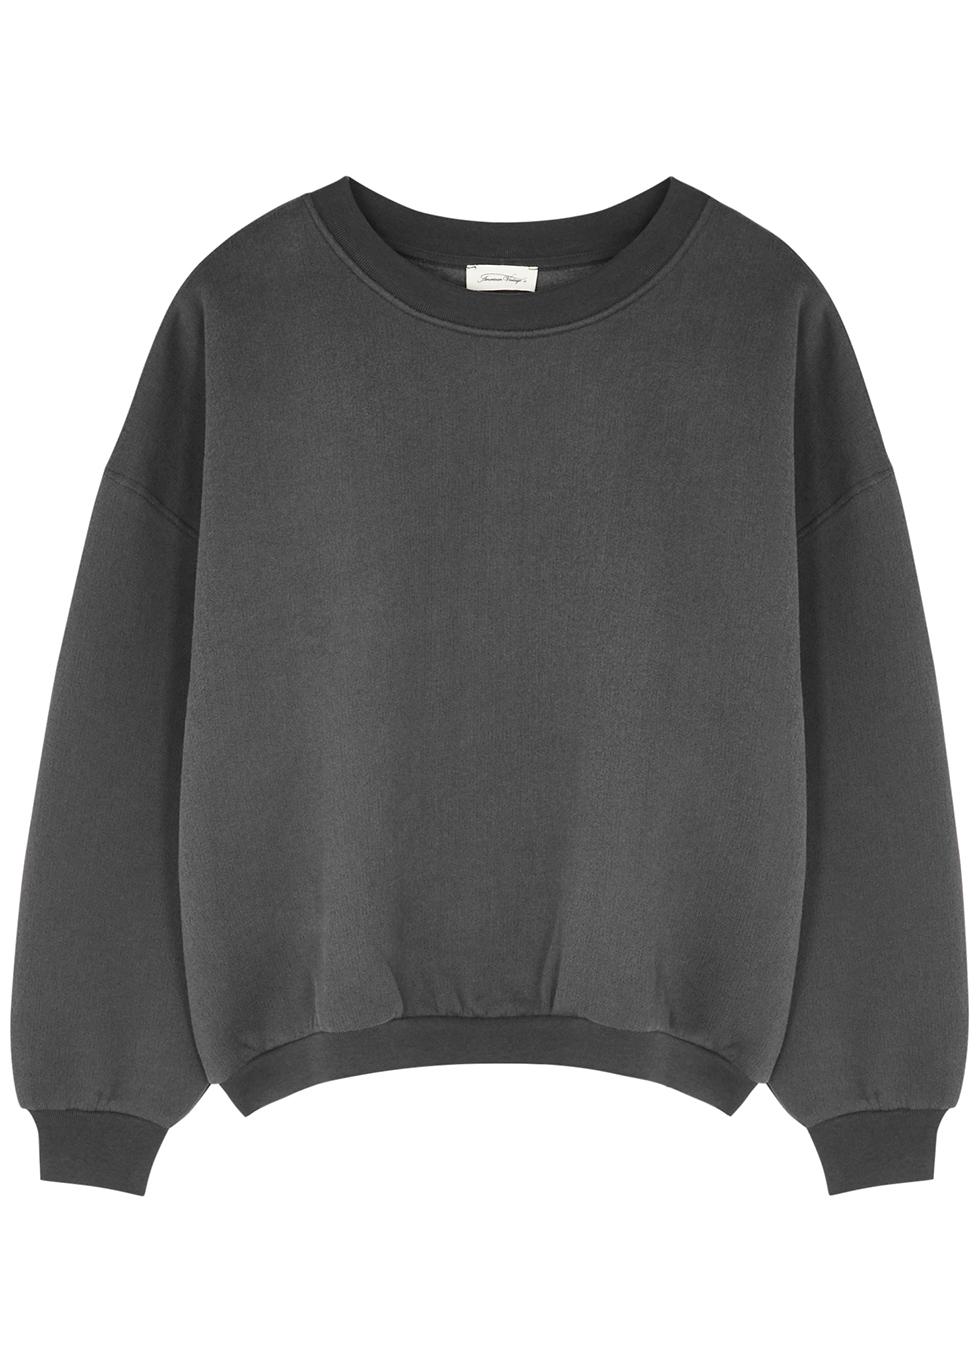 Ikatown dark grey cotton-blend sweatshirt